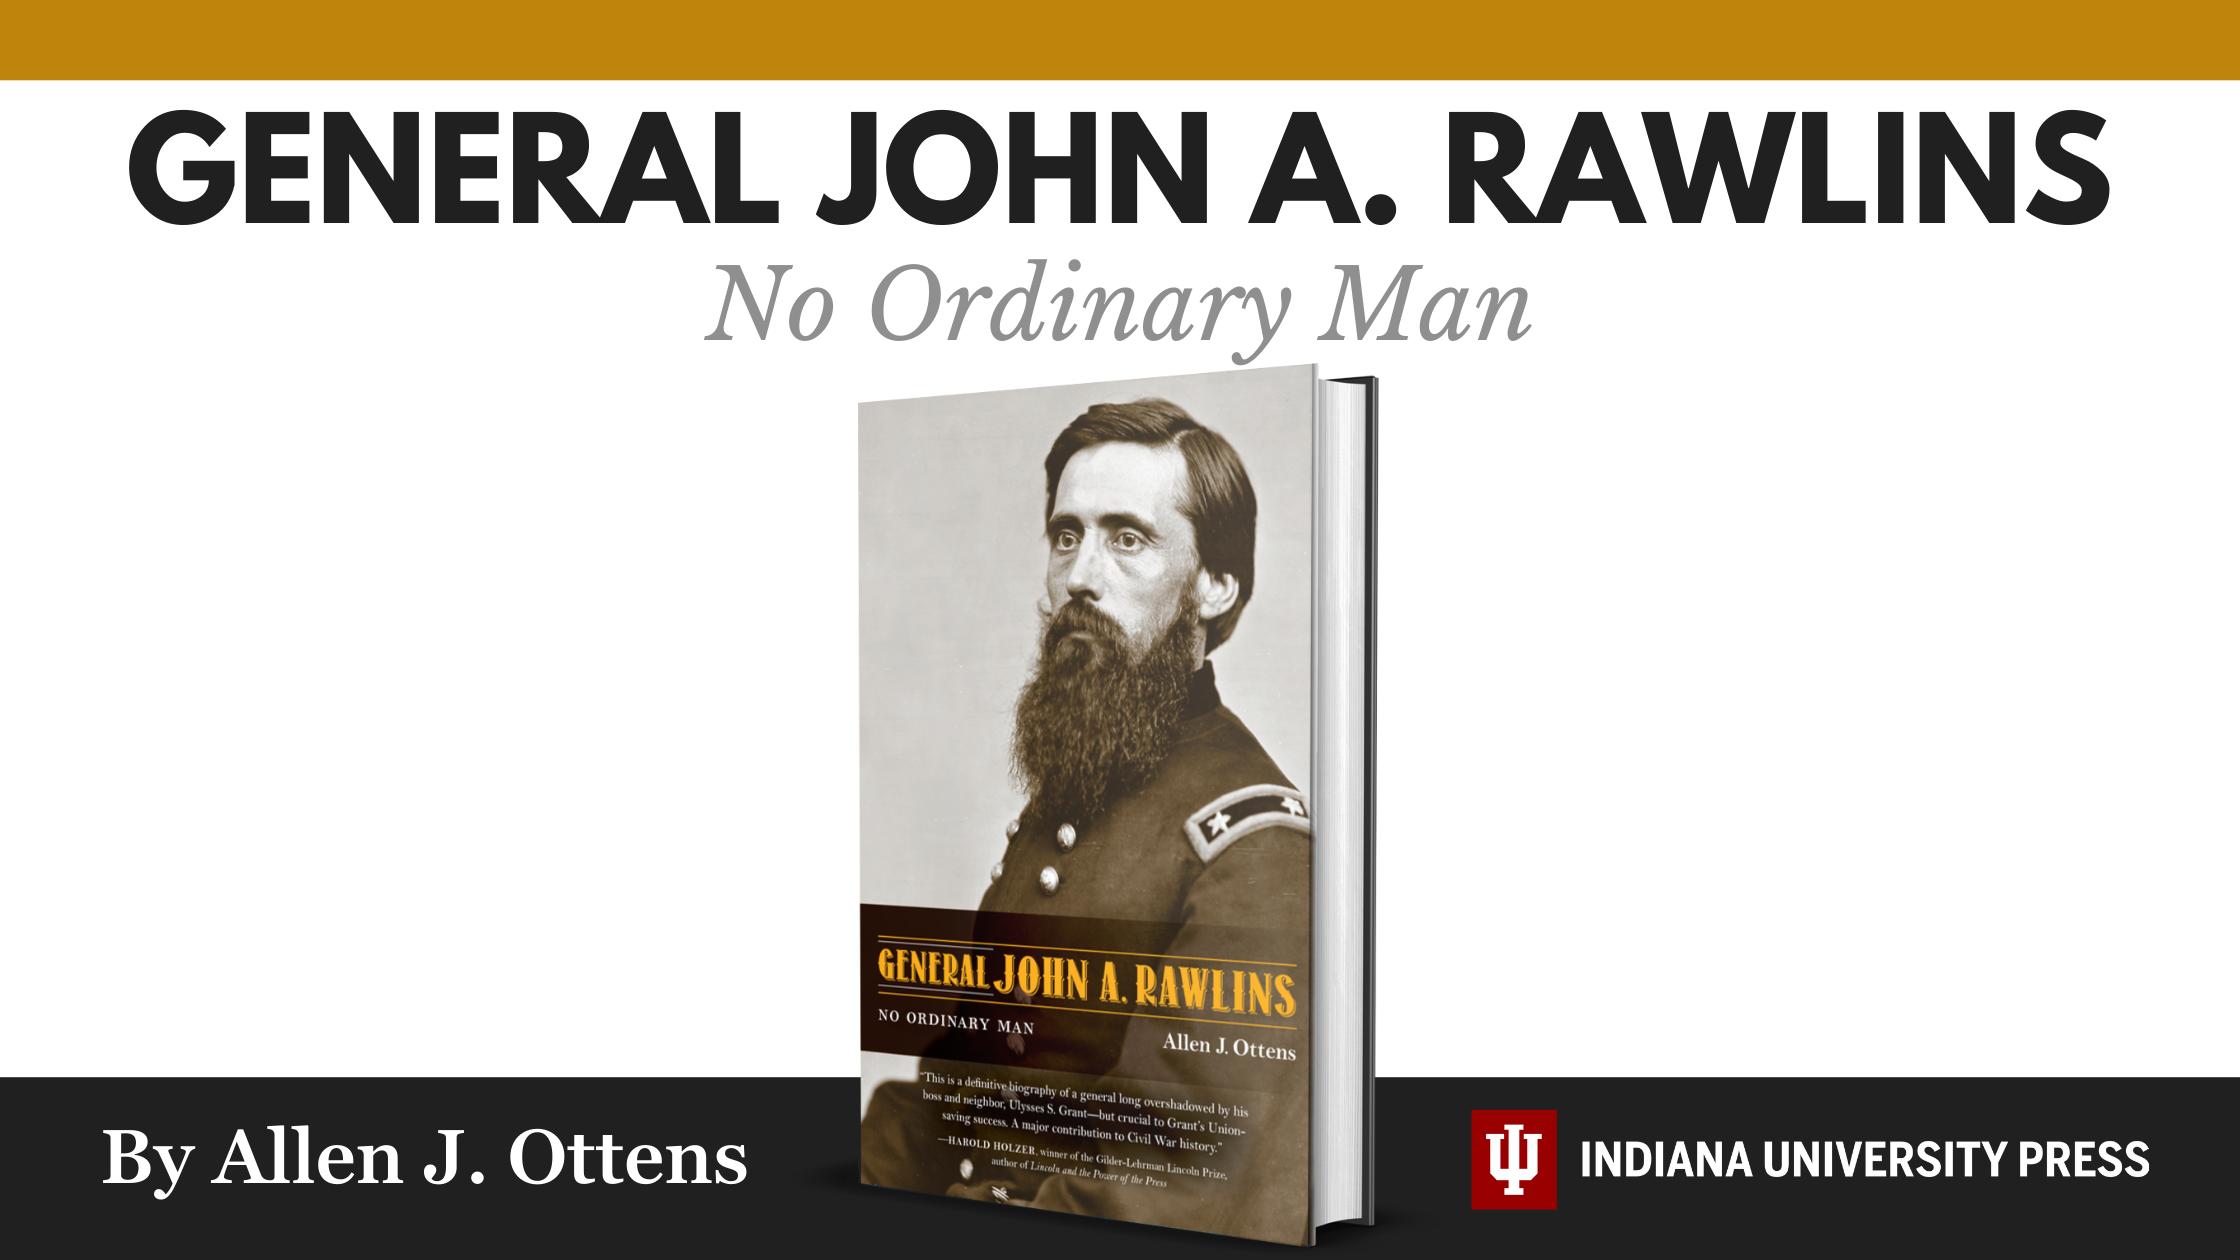 No Ordinary Man: General John A. Rawlins